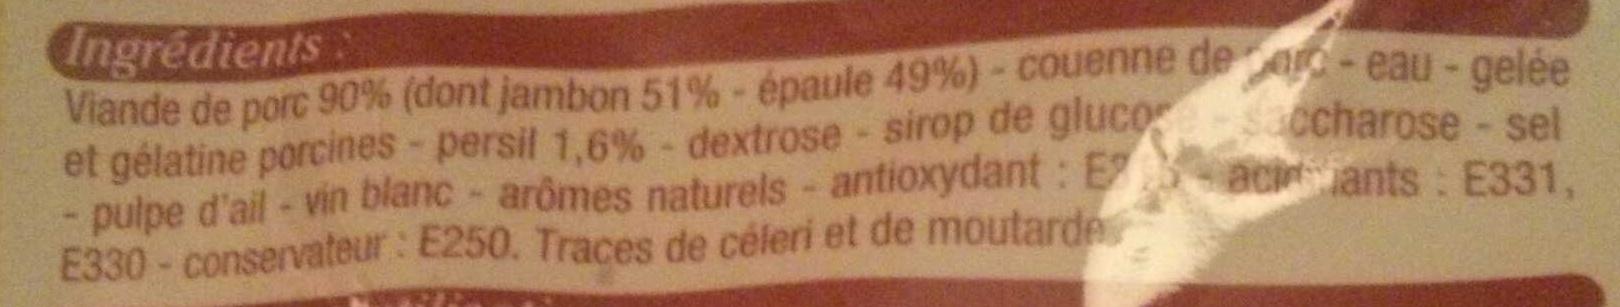 Véritable Jambon persillé de Bourgogne - Ingrédients - fr